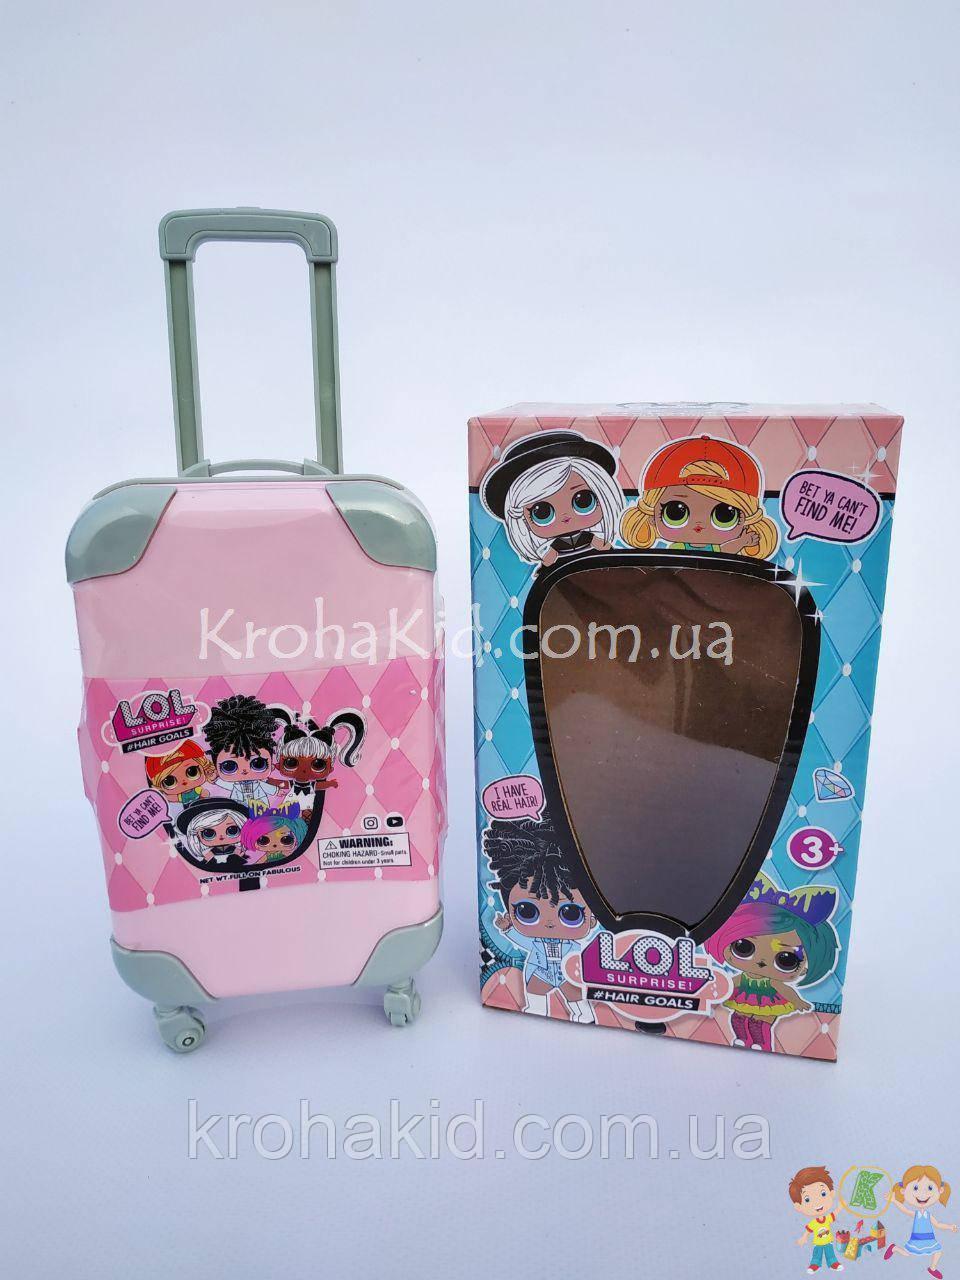 Кукла Лол с волосами в чемодане / 5 серия Лол с прической 881 /  L.O.L. Hairgoals /  аналог